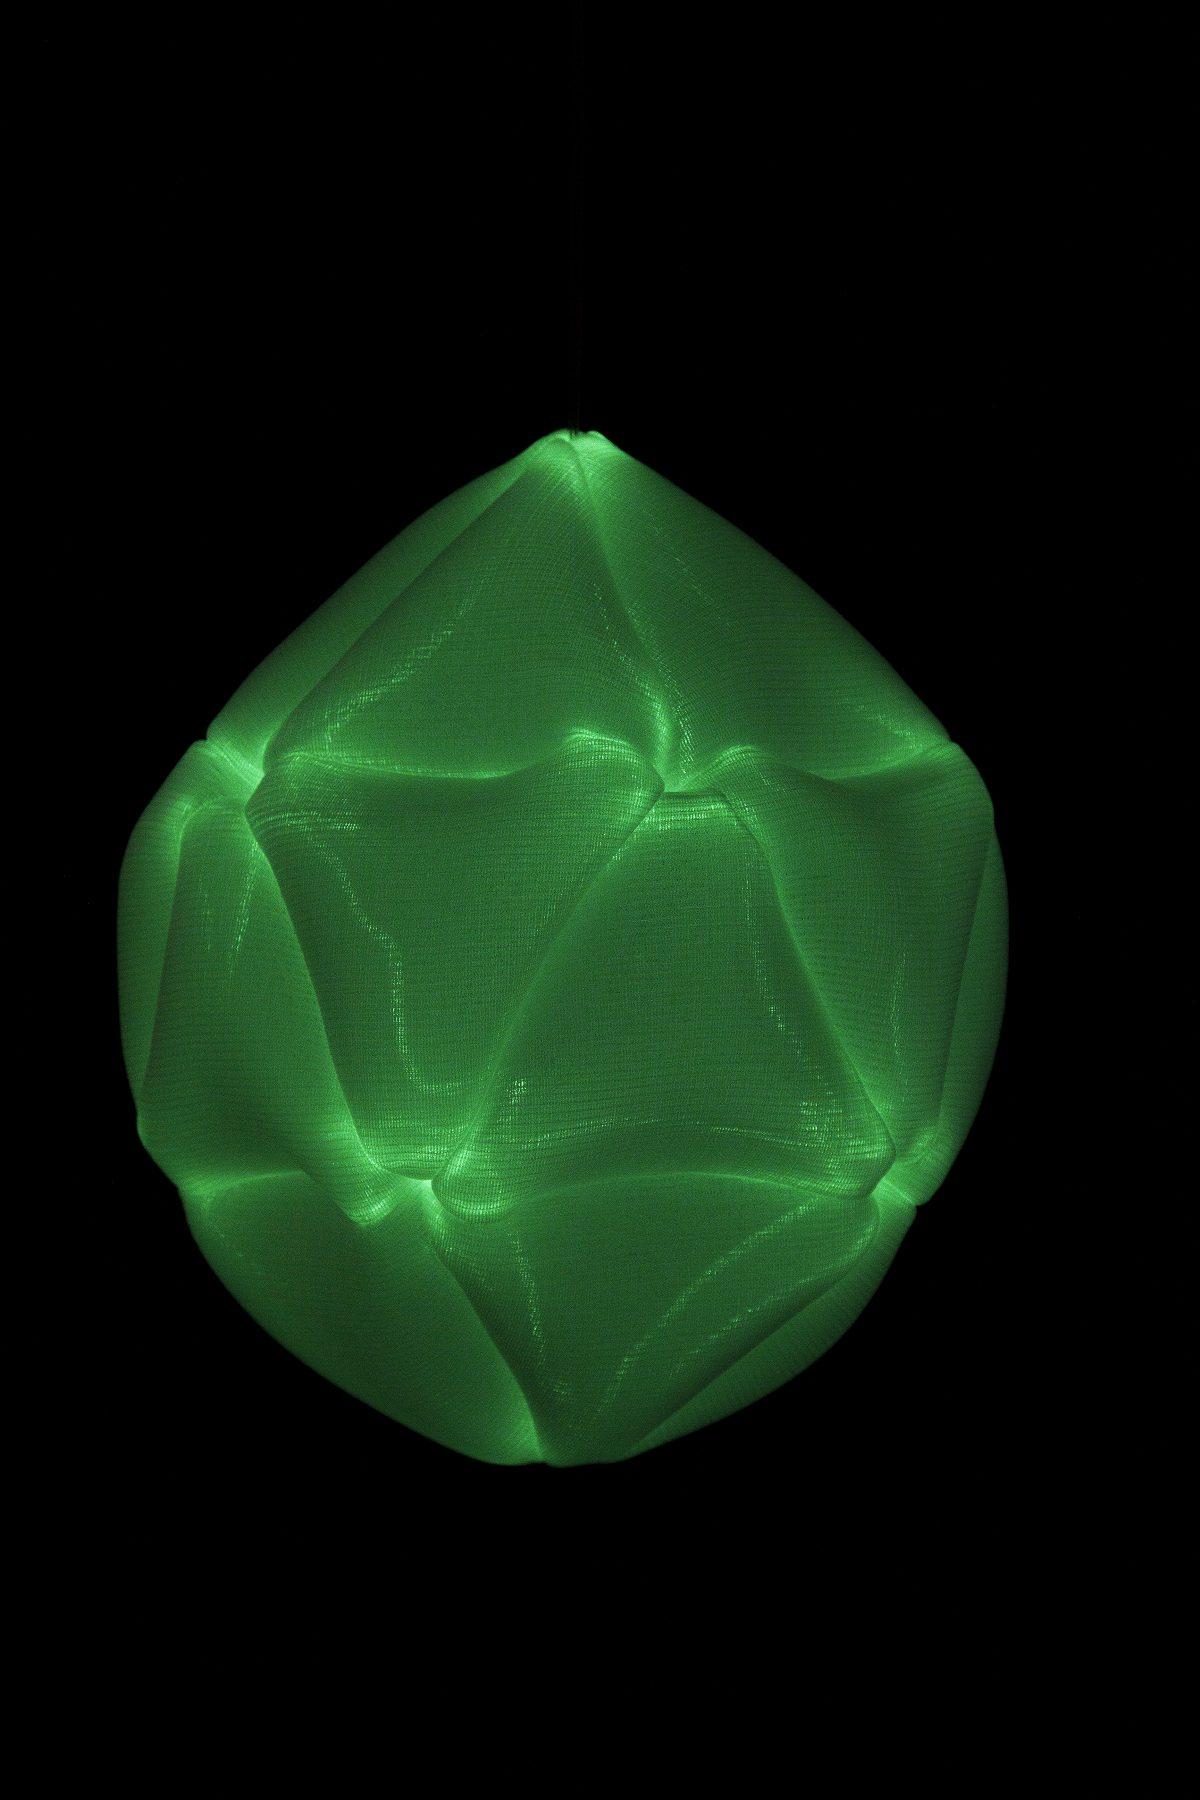 Radiolaria Metamorphosus lucidus glow-in-the-dark hanglamp van Bernotat